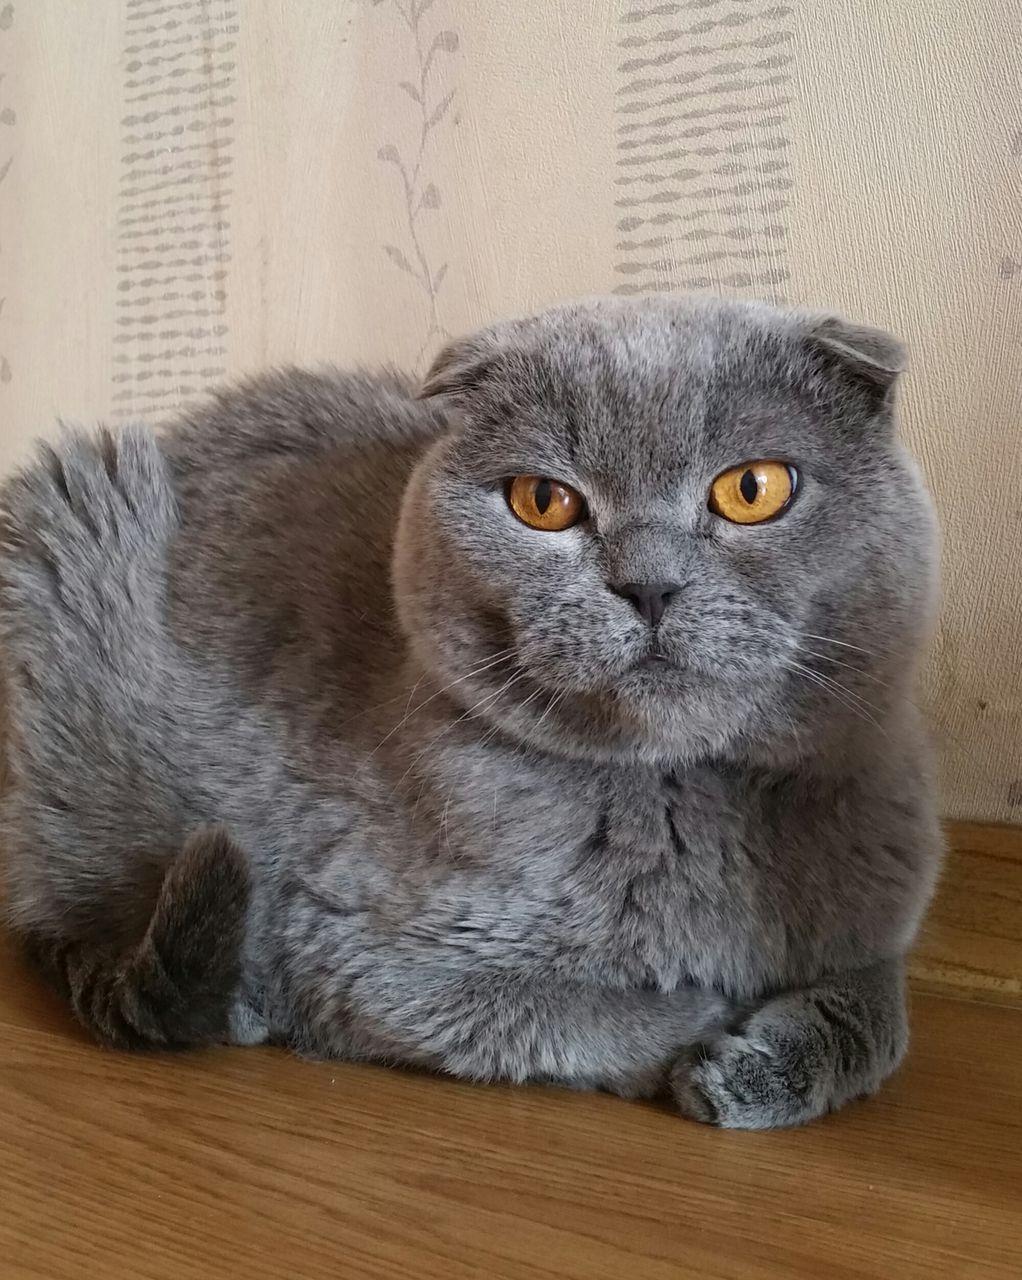 эта взрослая вислоухая кошка фото гостеприимство широко